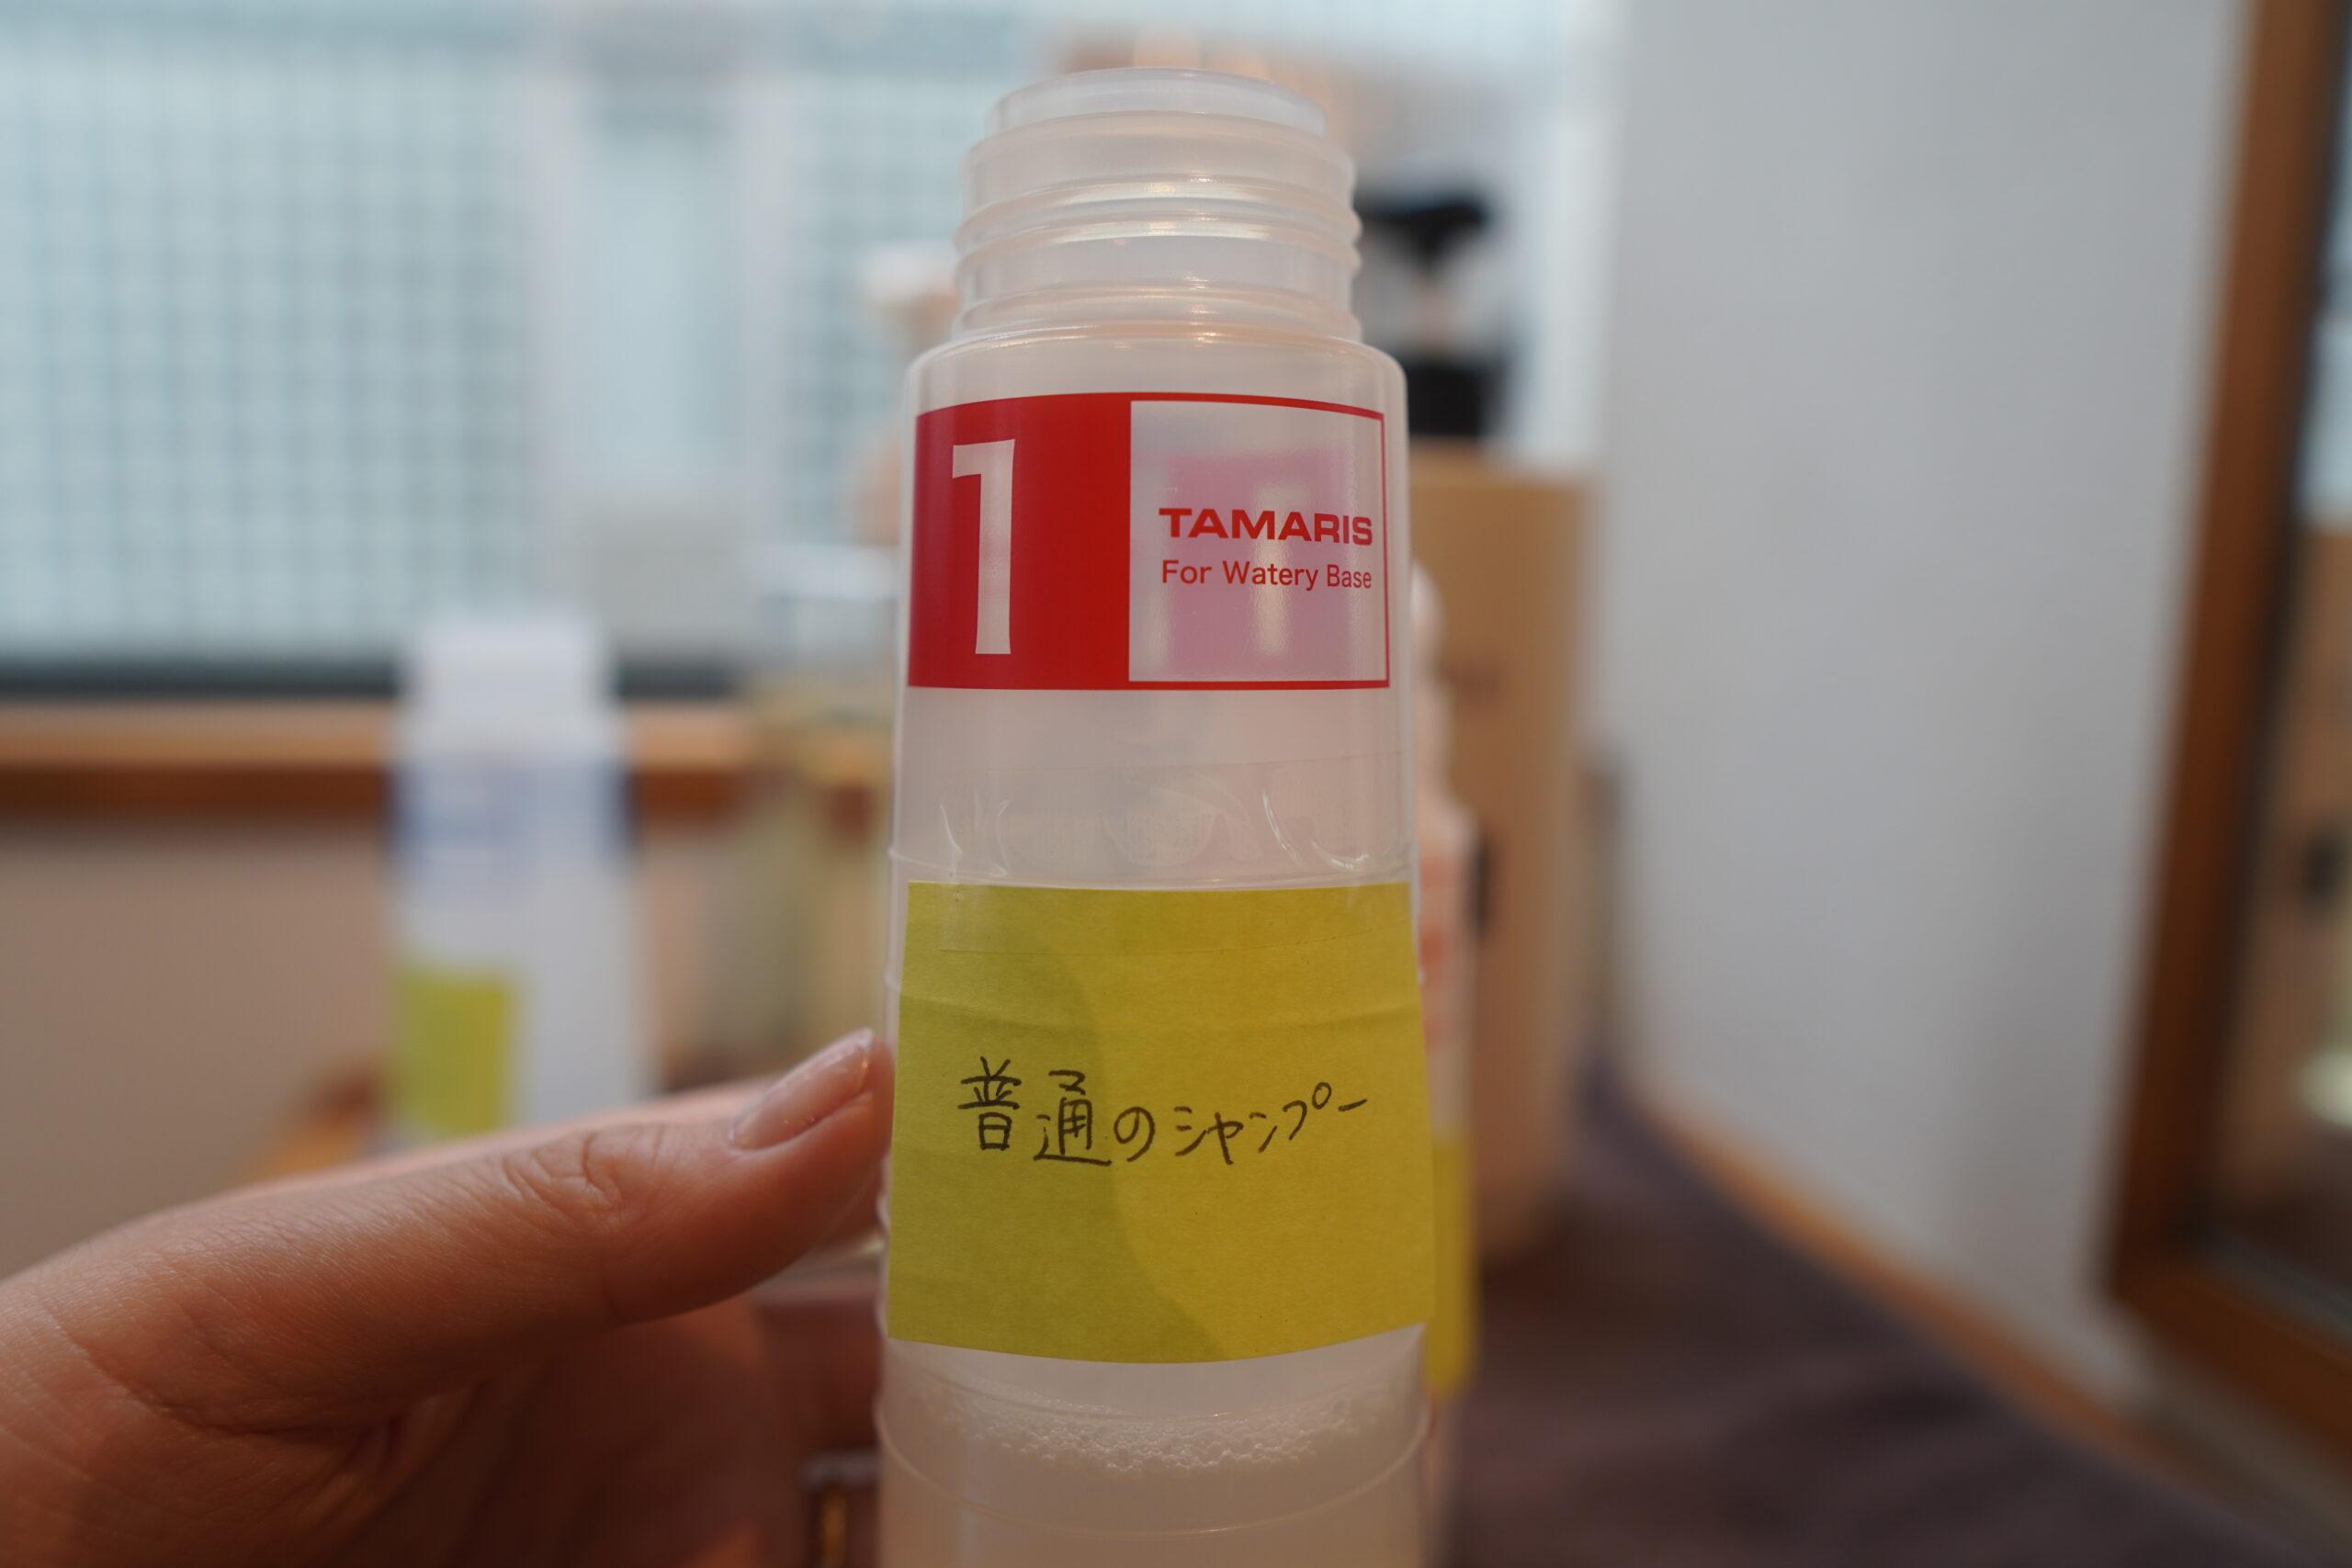 神戸 三宮 酵素シャンプー アローブ タマリス 酵素ケア 頭皮ケア エイジングケア 酵素美容 地肌改善 頭皮改善 髪質改善 酵素シャンプー実験